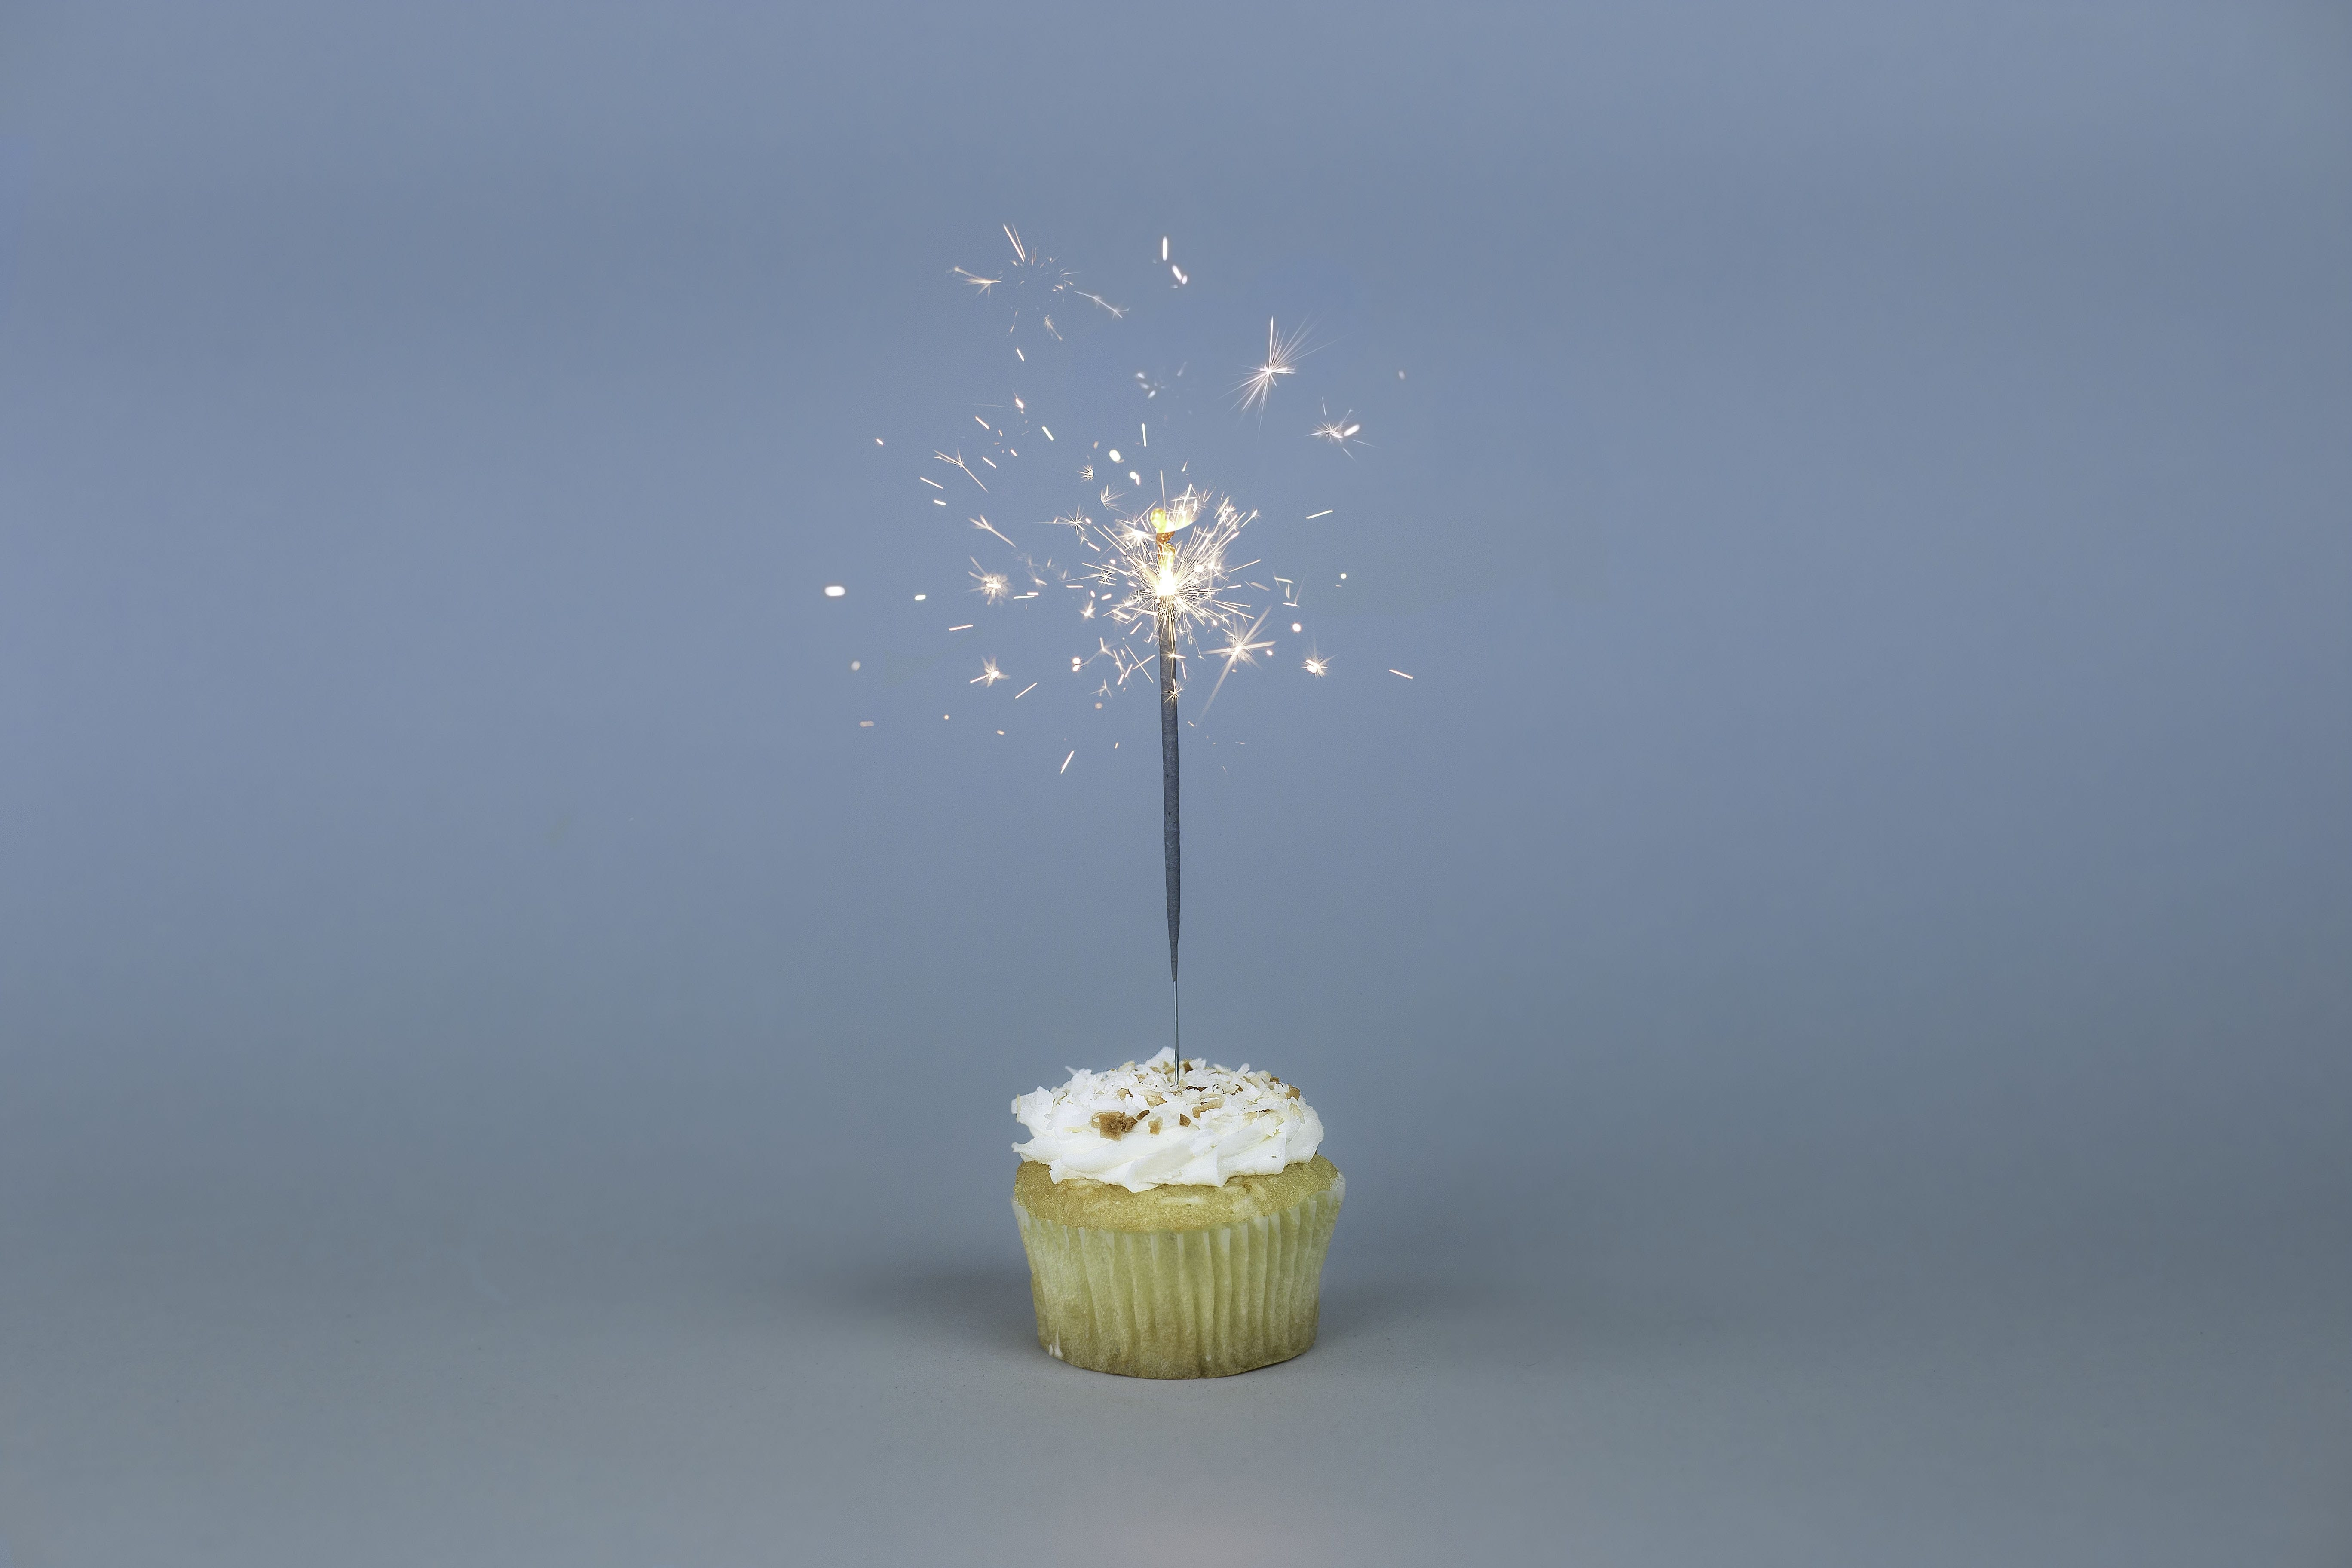 Wellie Wisher Birthday Celebration